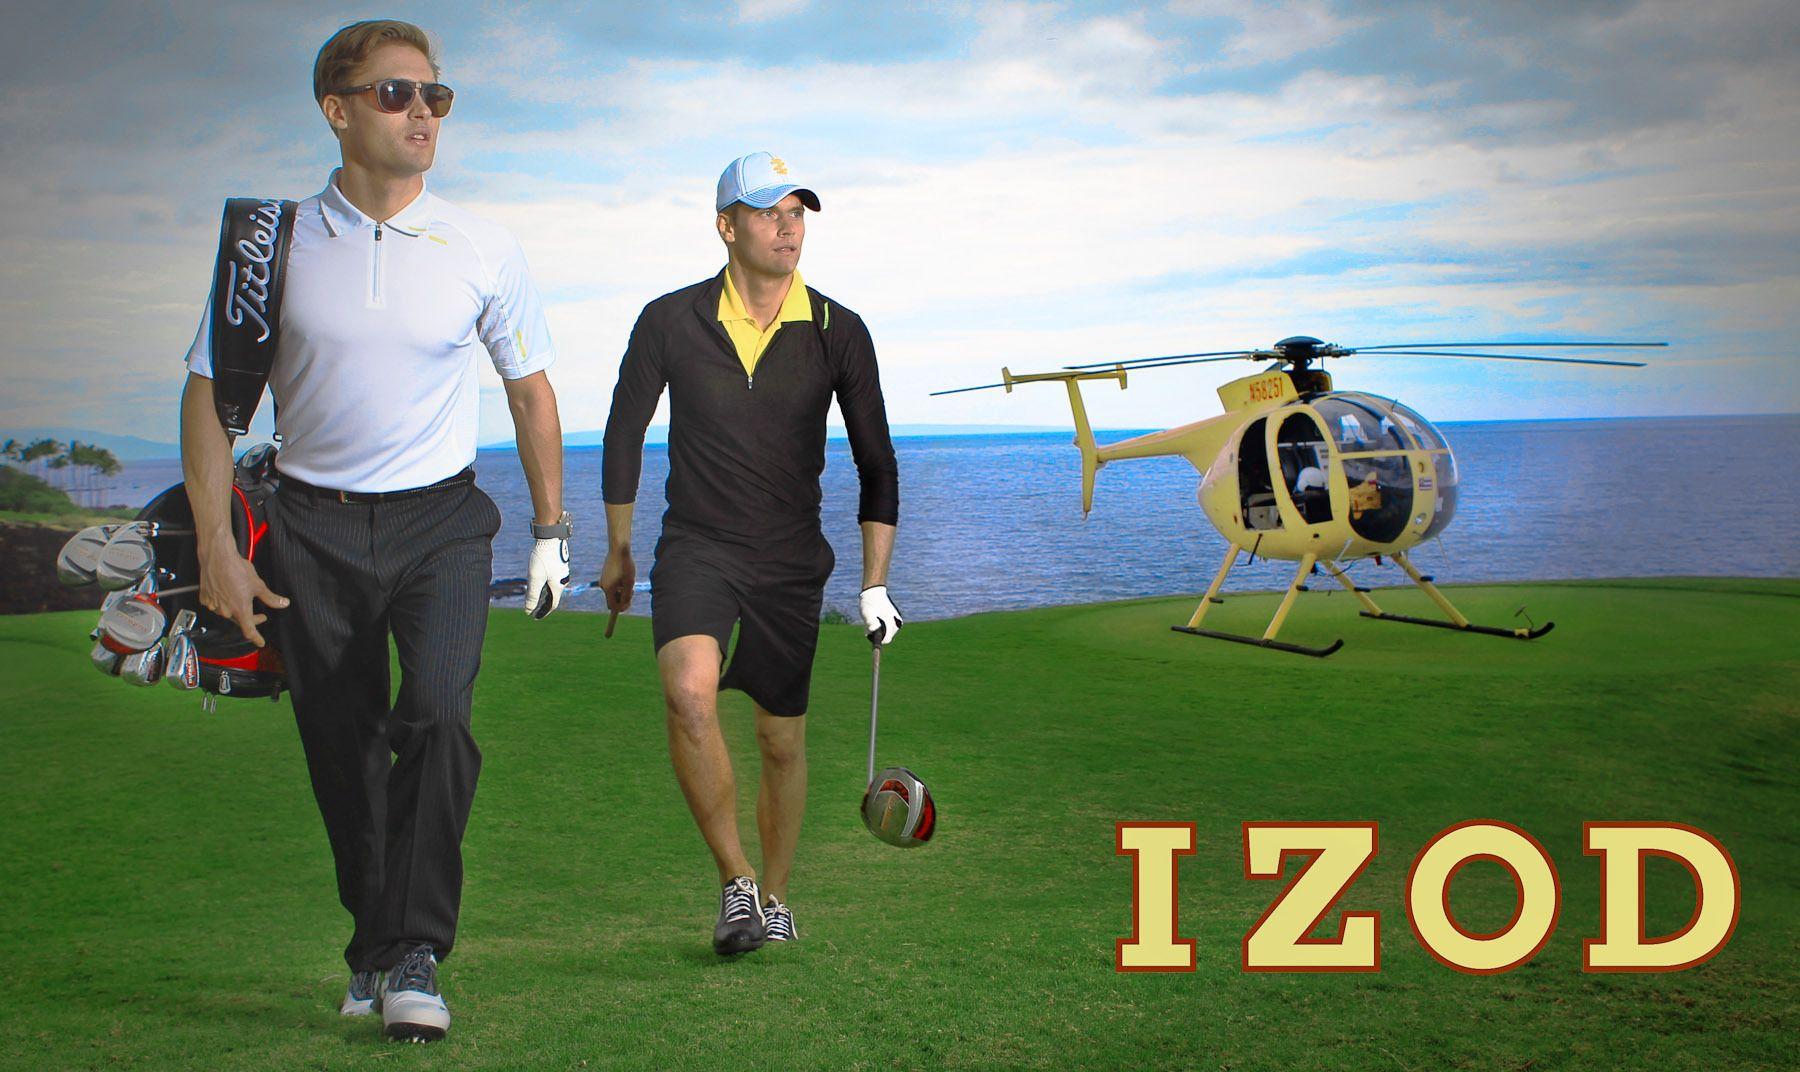 1izod_golfizod_wkbk.jpg